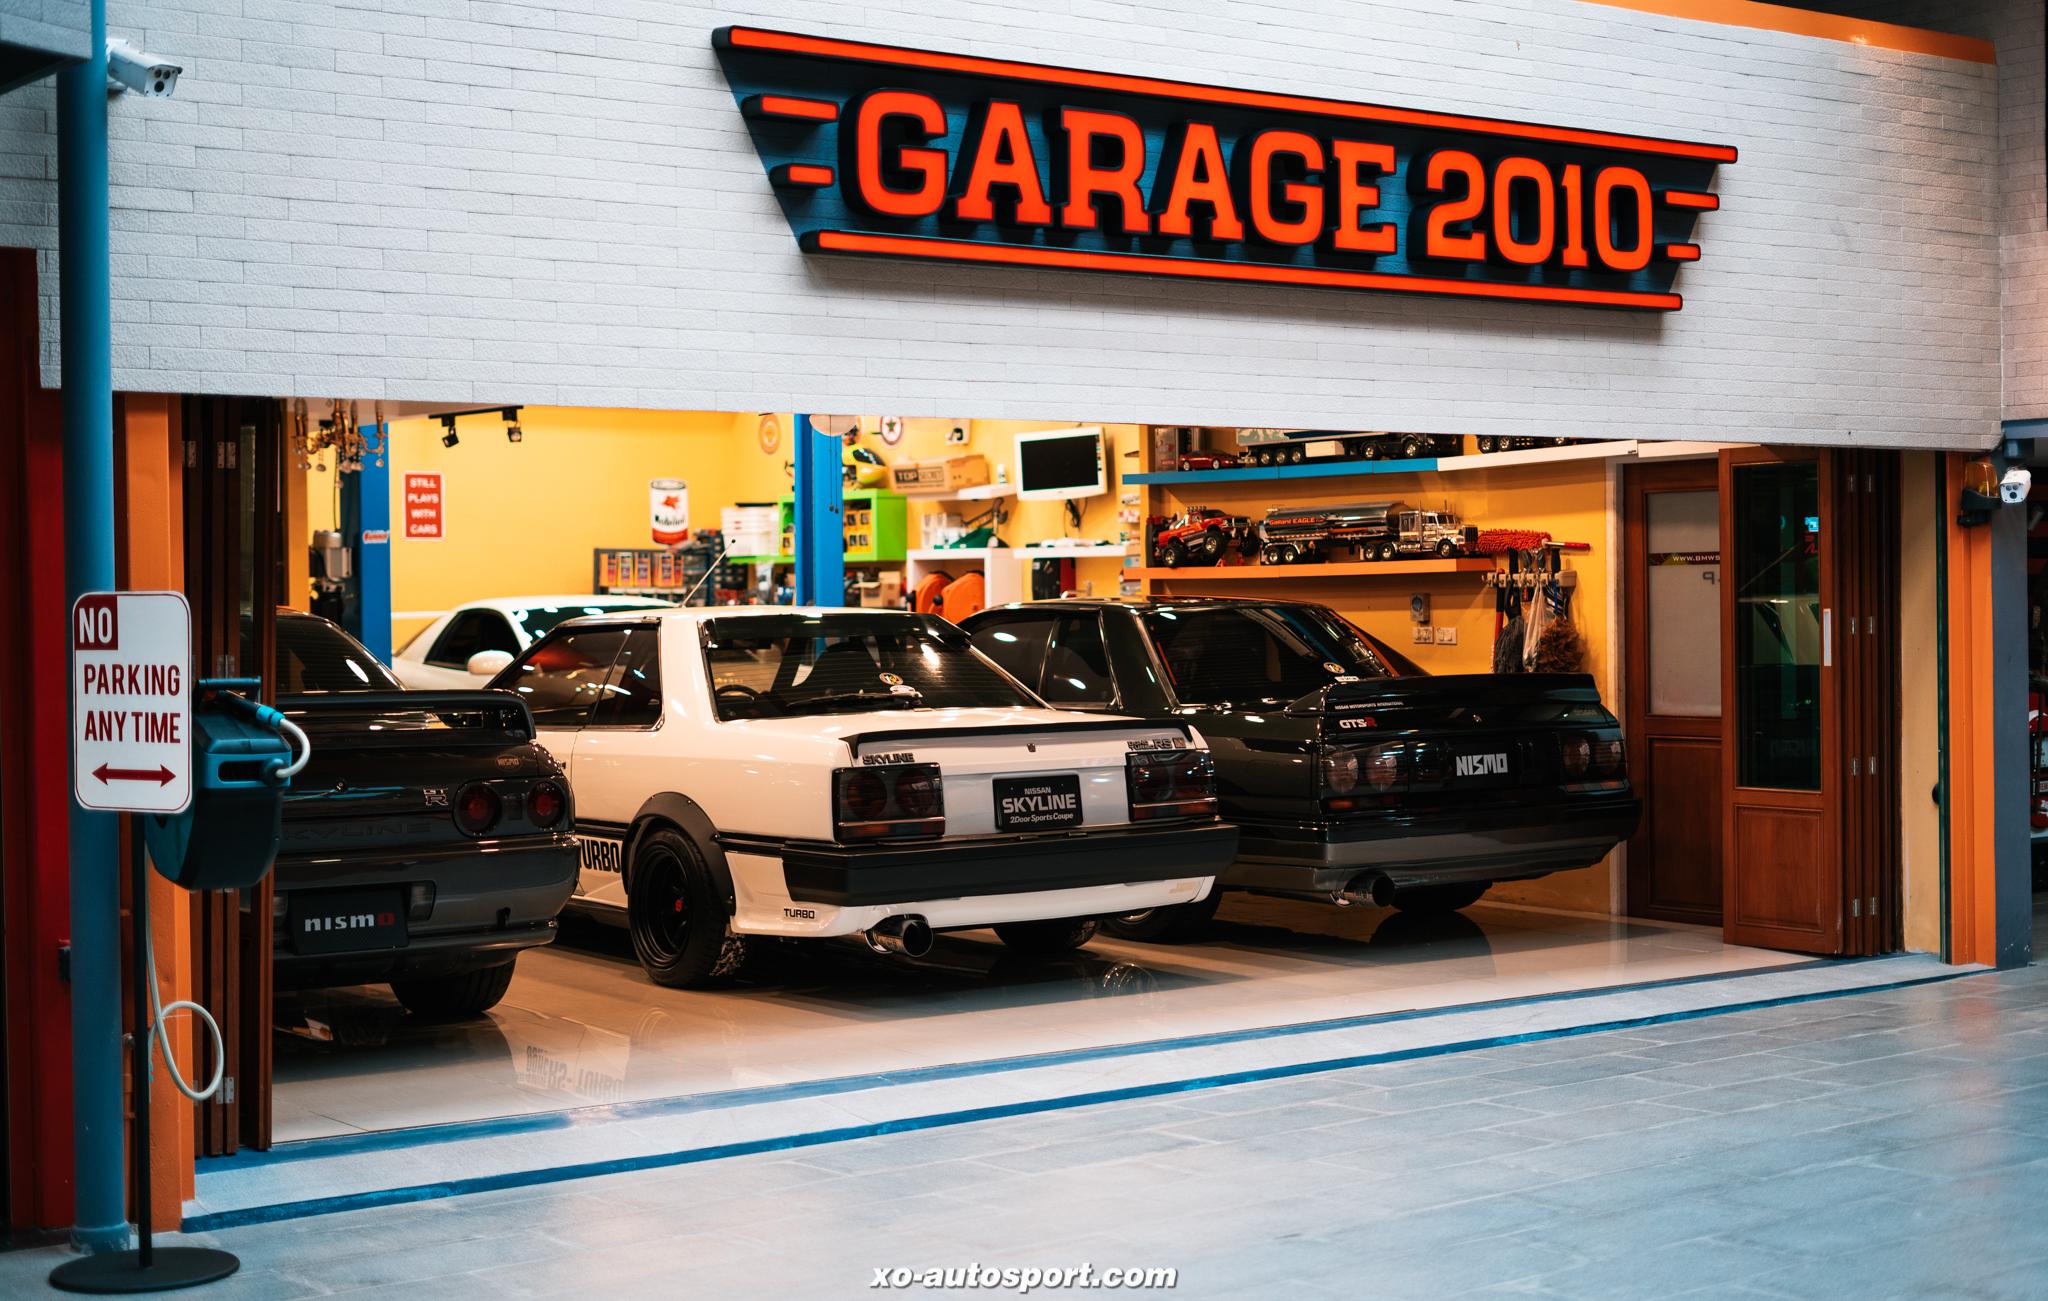 Heng_s garage RL-32